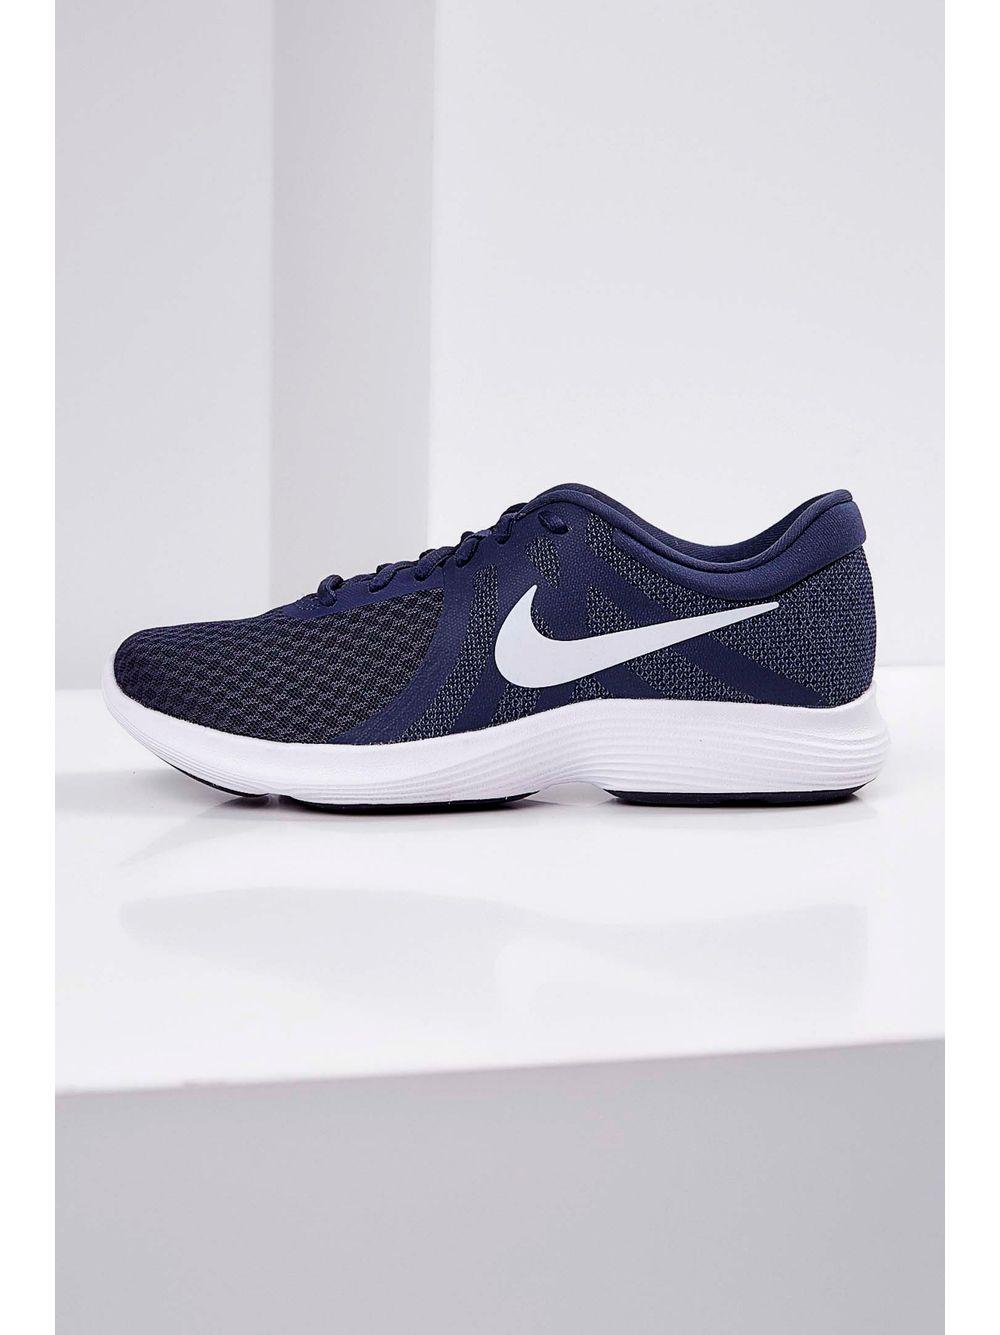 Previous. Tenis-Nike-Revolution-Marinho ... 28840ef9f1017